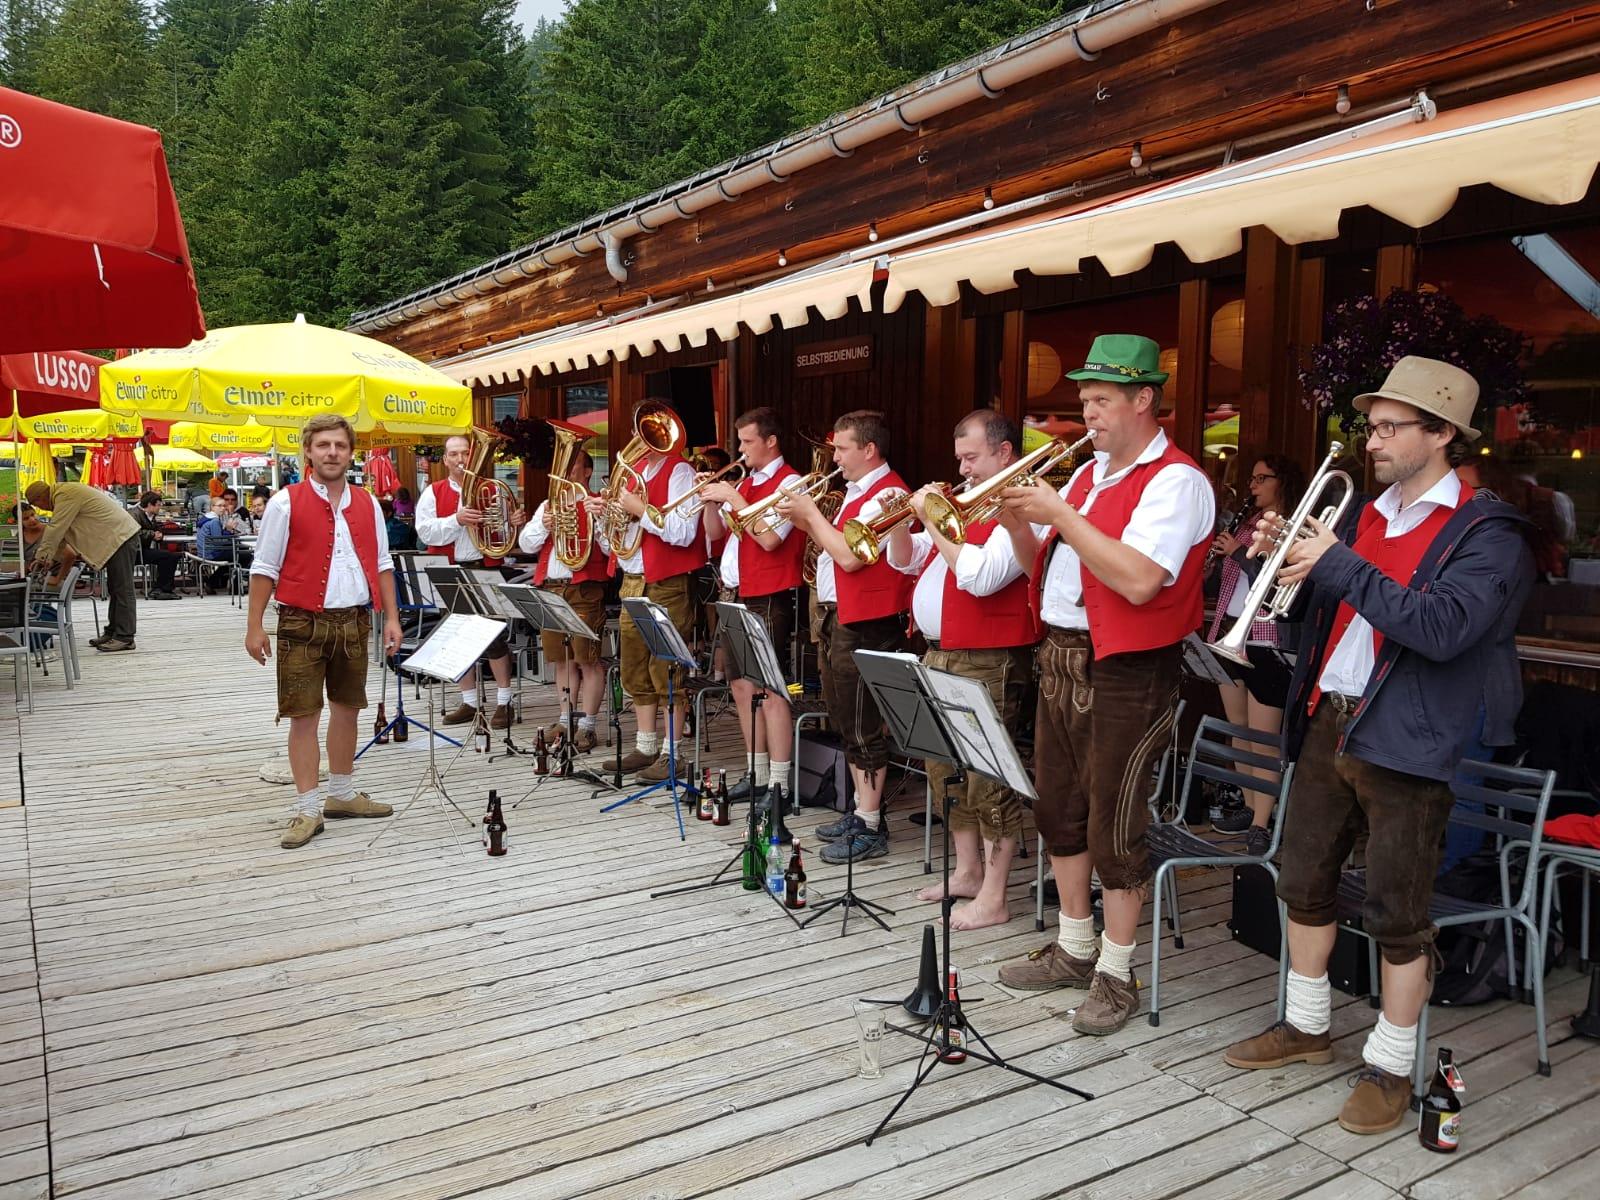 danach waren die Baholz-Musikanten aus Deutschland an der Reihe